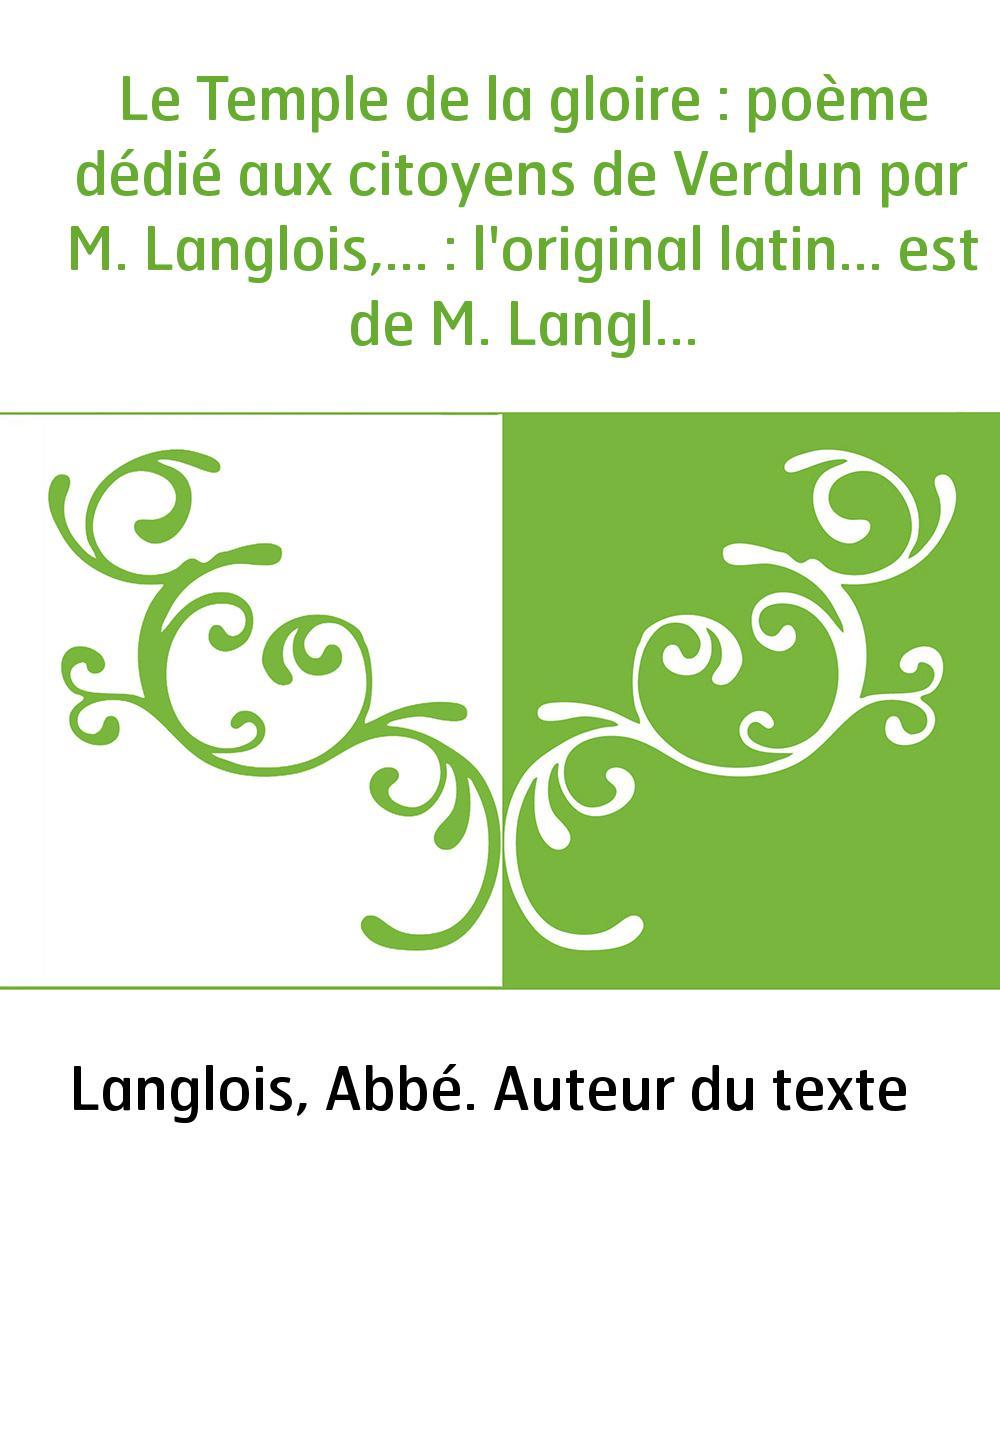 Le Temple de la gloire : poème dédié aux citoyens de Verdun par M. Langlois,... : l'original latin... est de M. Langlois,... : l